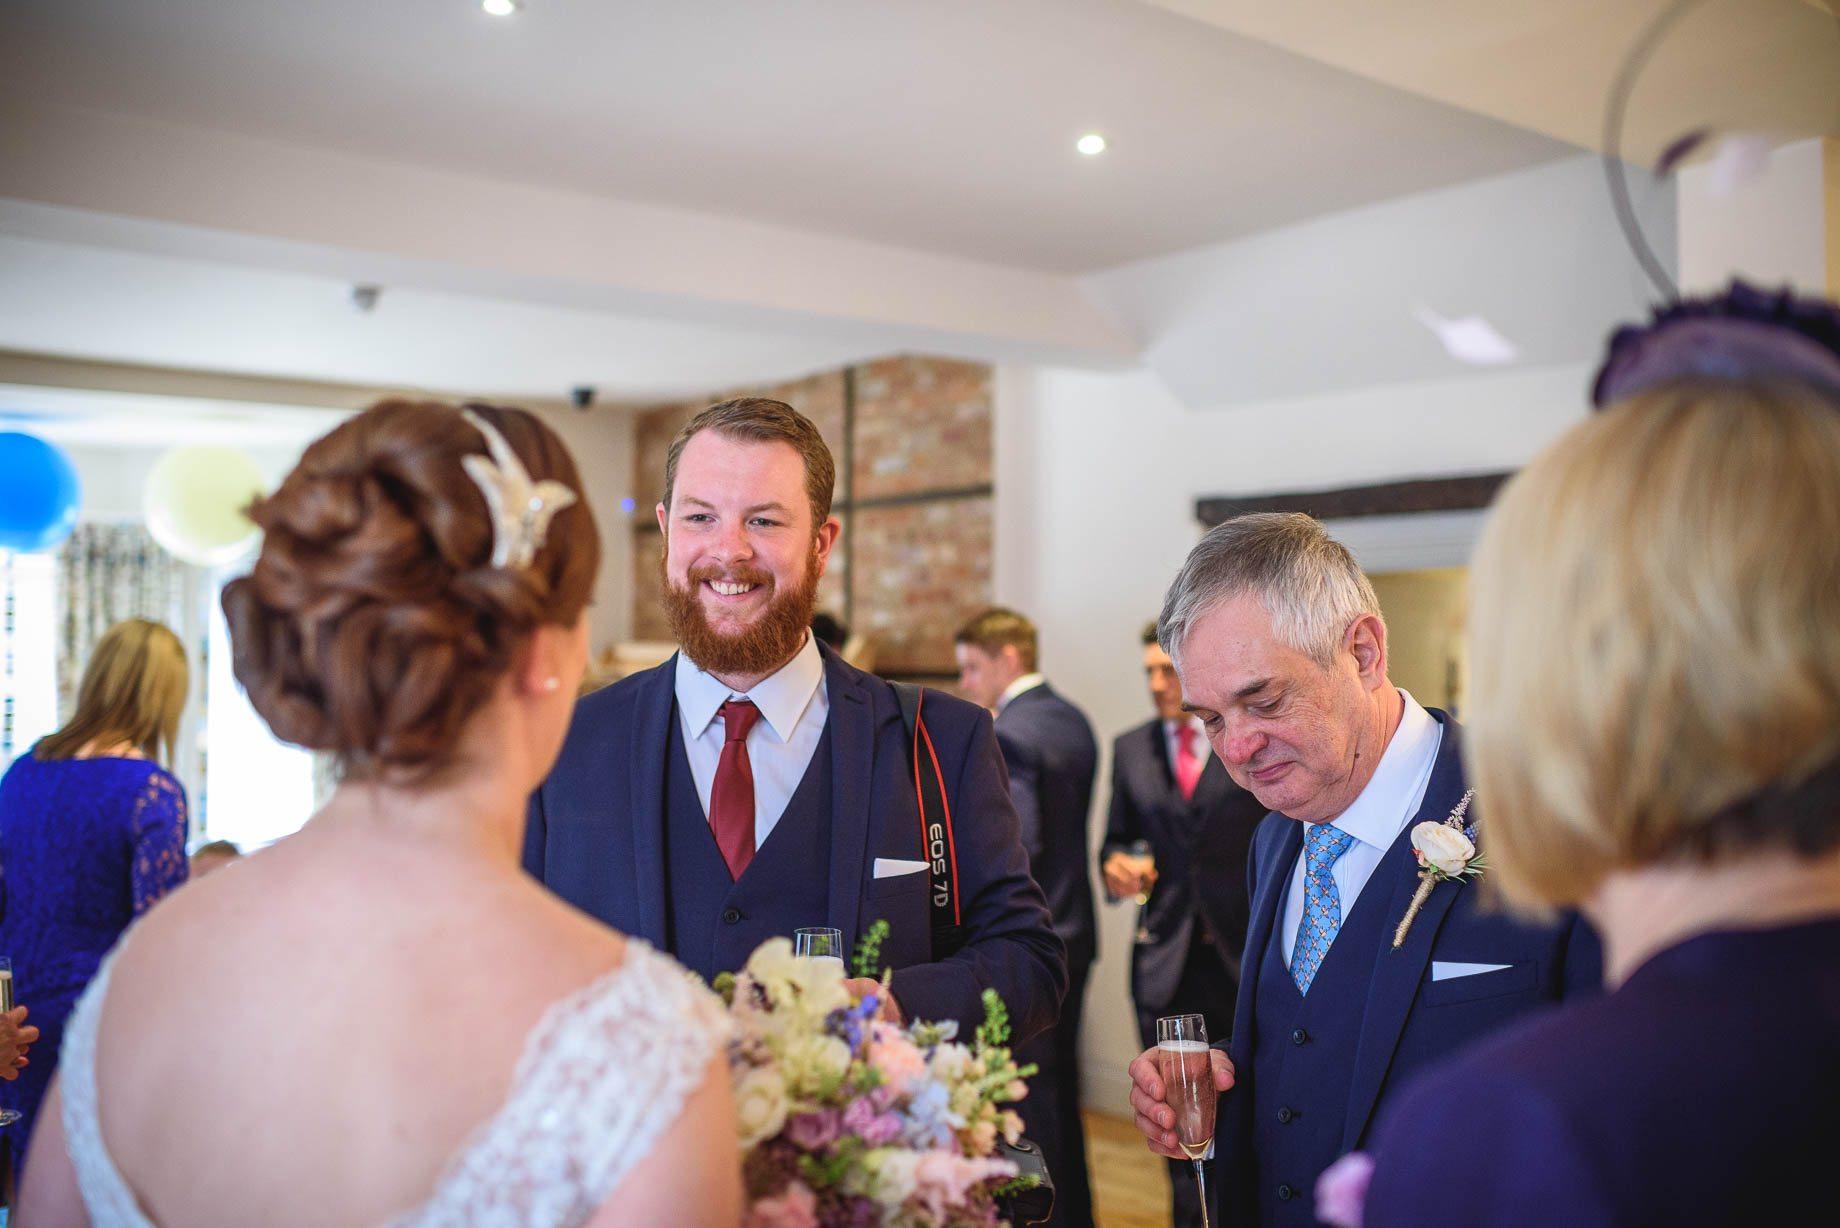 Millbridge Court Wedding Photography - Lisa and Daniel (69 of 173)